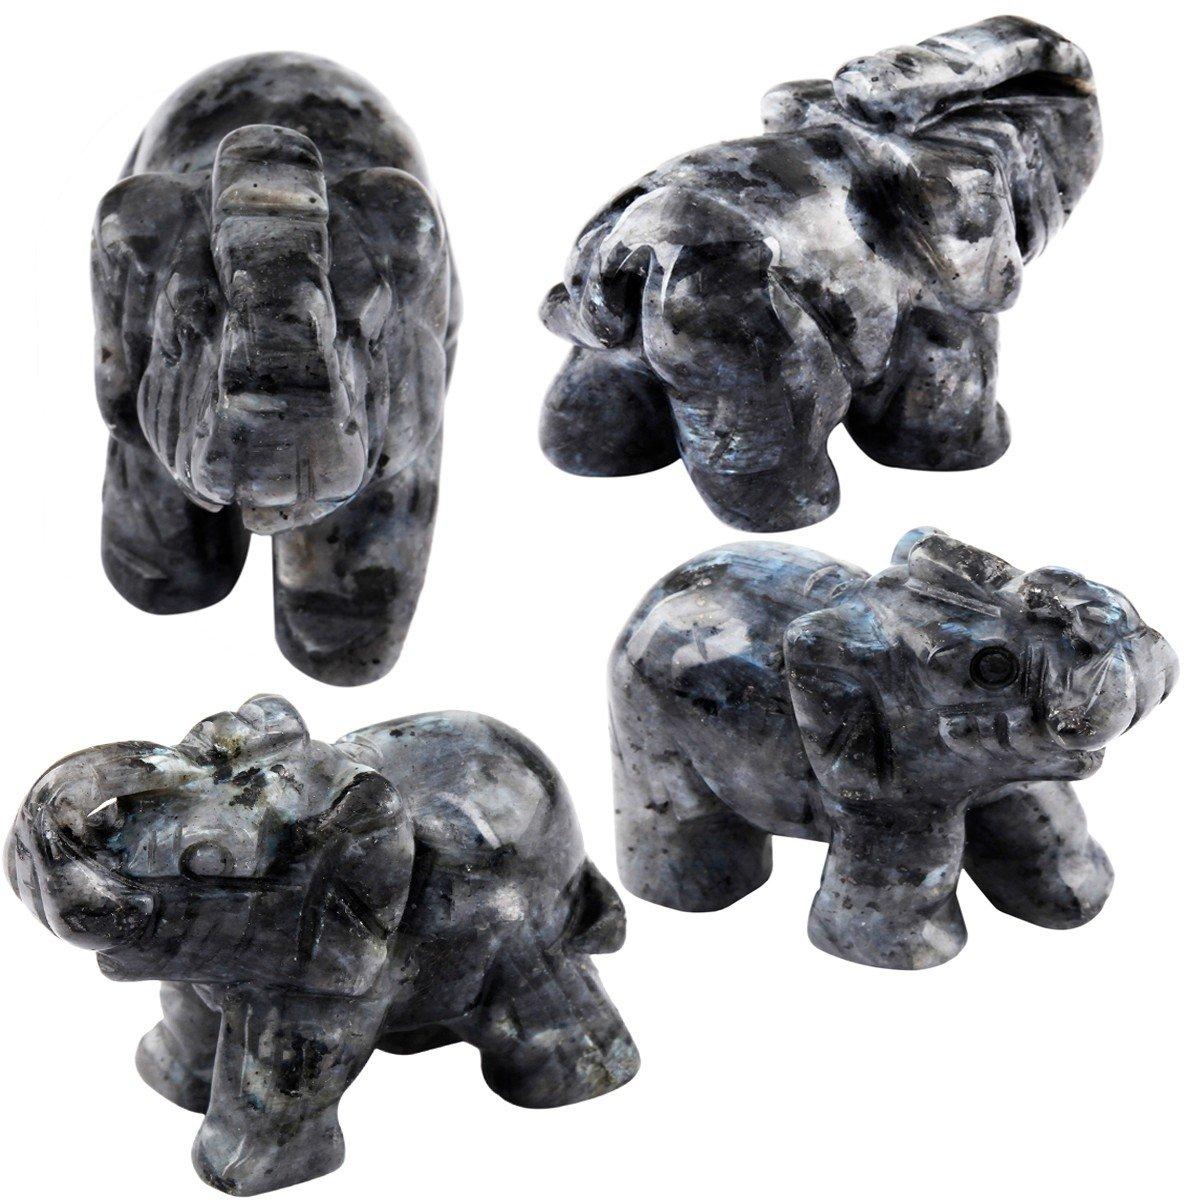 Reiki-Statue 3,8 cm Stein Energie-Edelstein mookaitedecor Elefantenfigur heilender Kristall Heimdekoration Rosenquarz